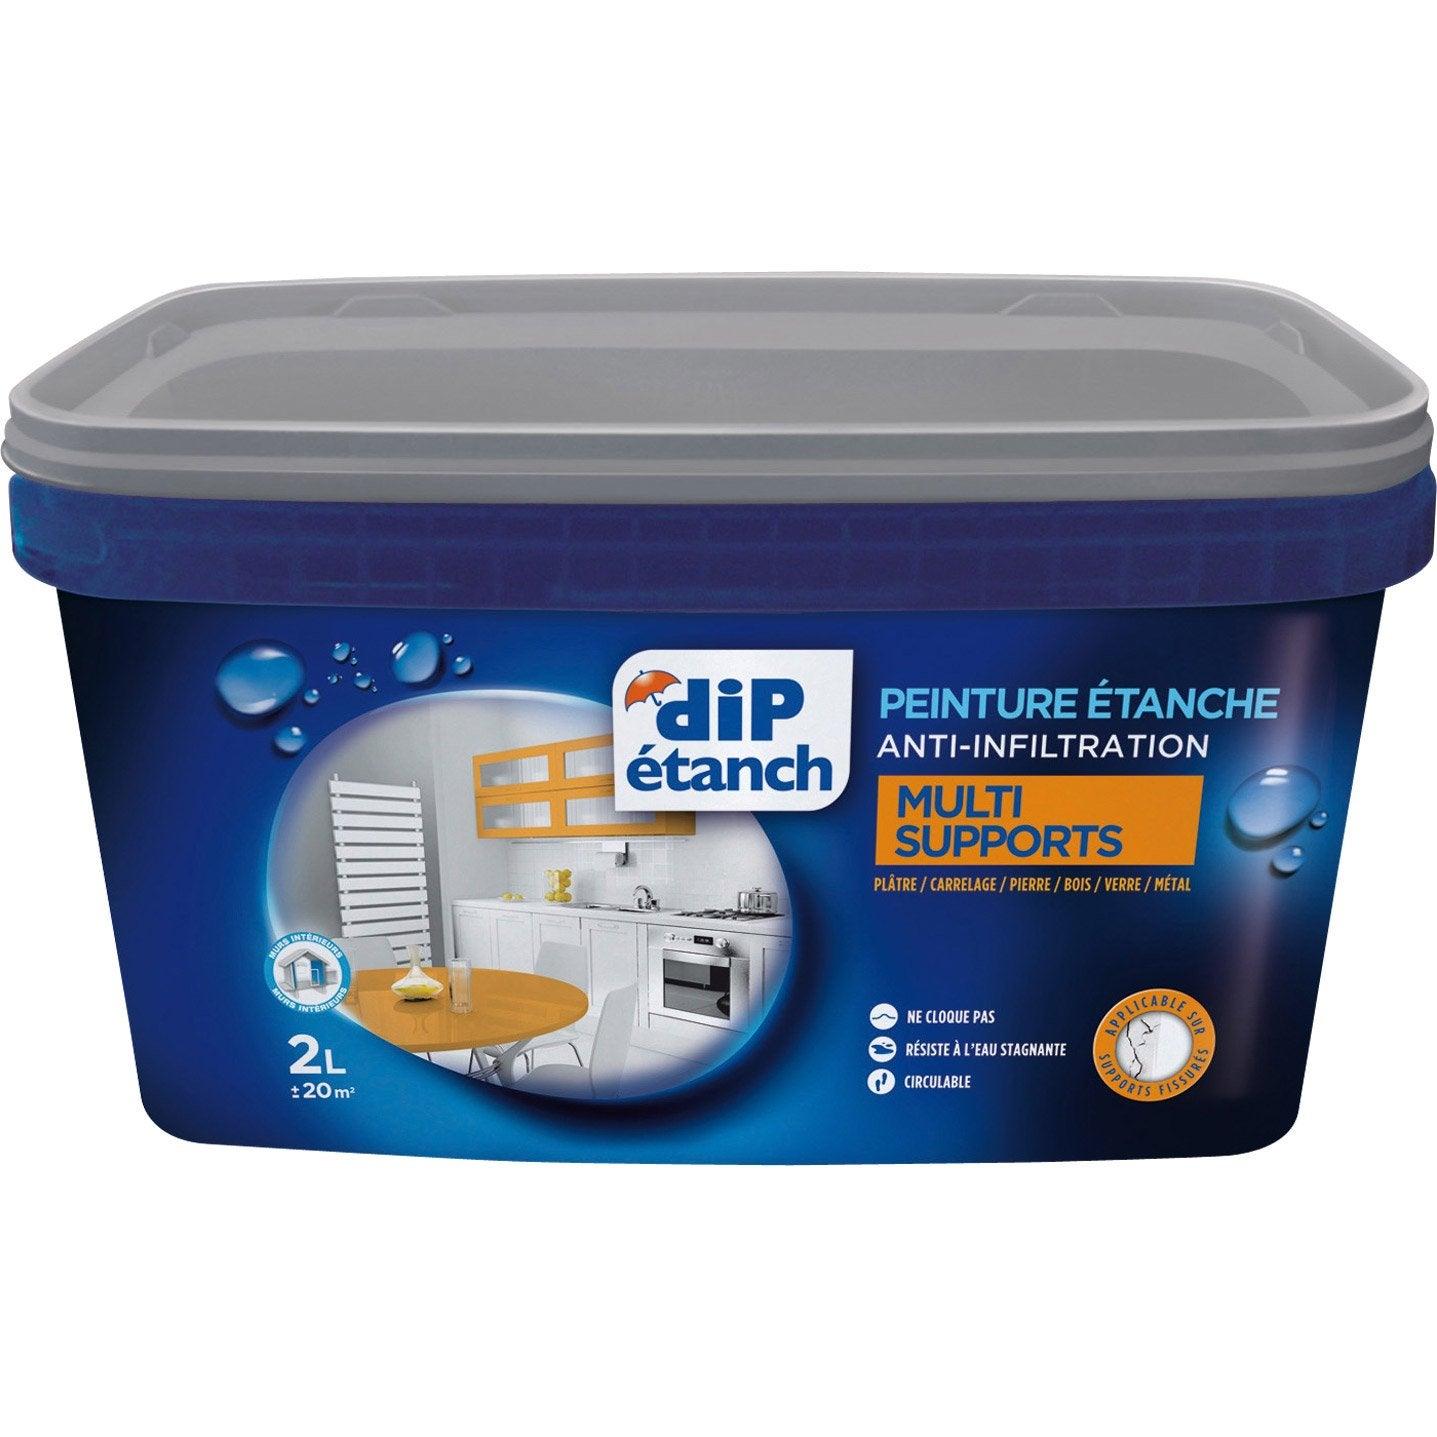 Peinture tanche multi supports dip blanc 2 l leroy merlin - Peinture salle de bain etanche ...